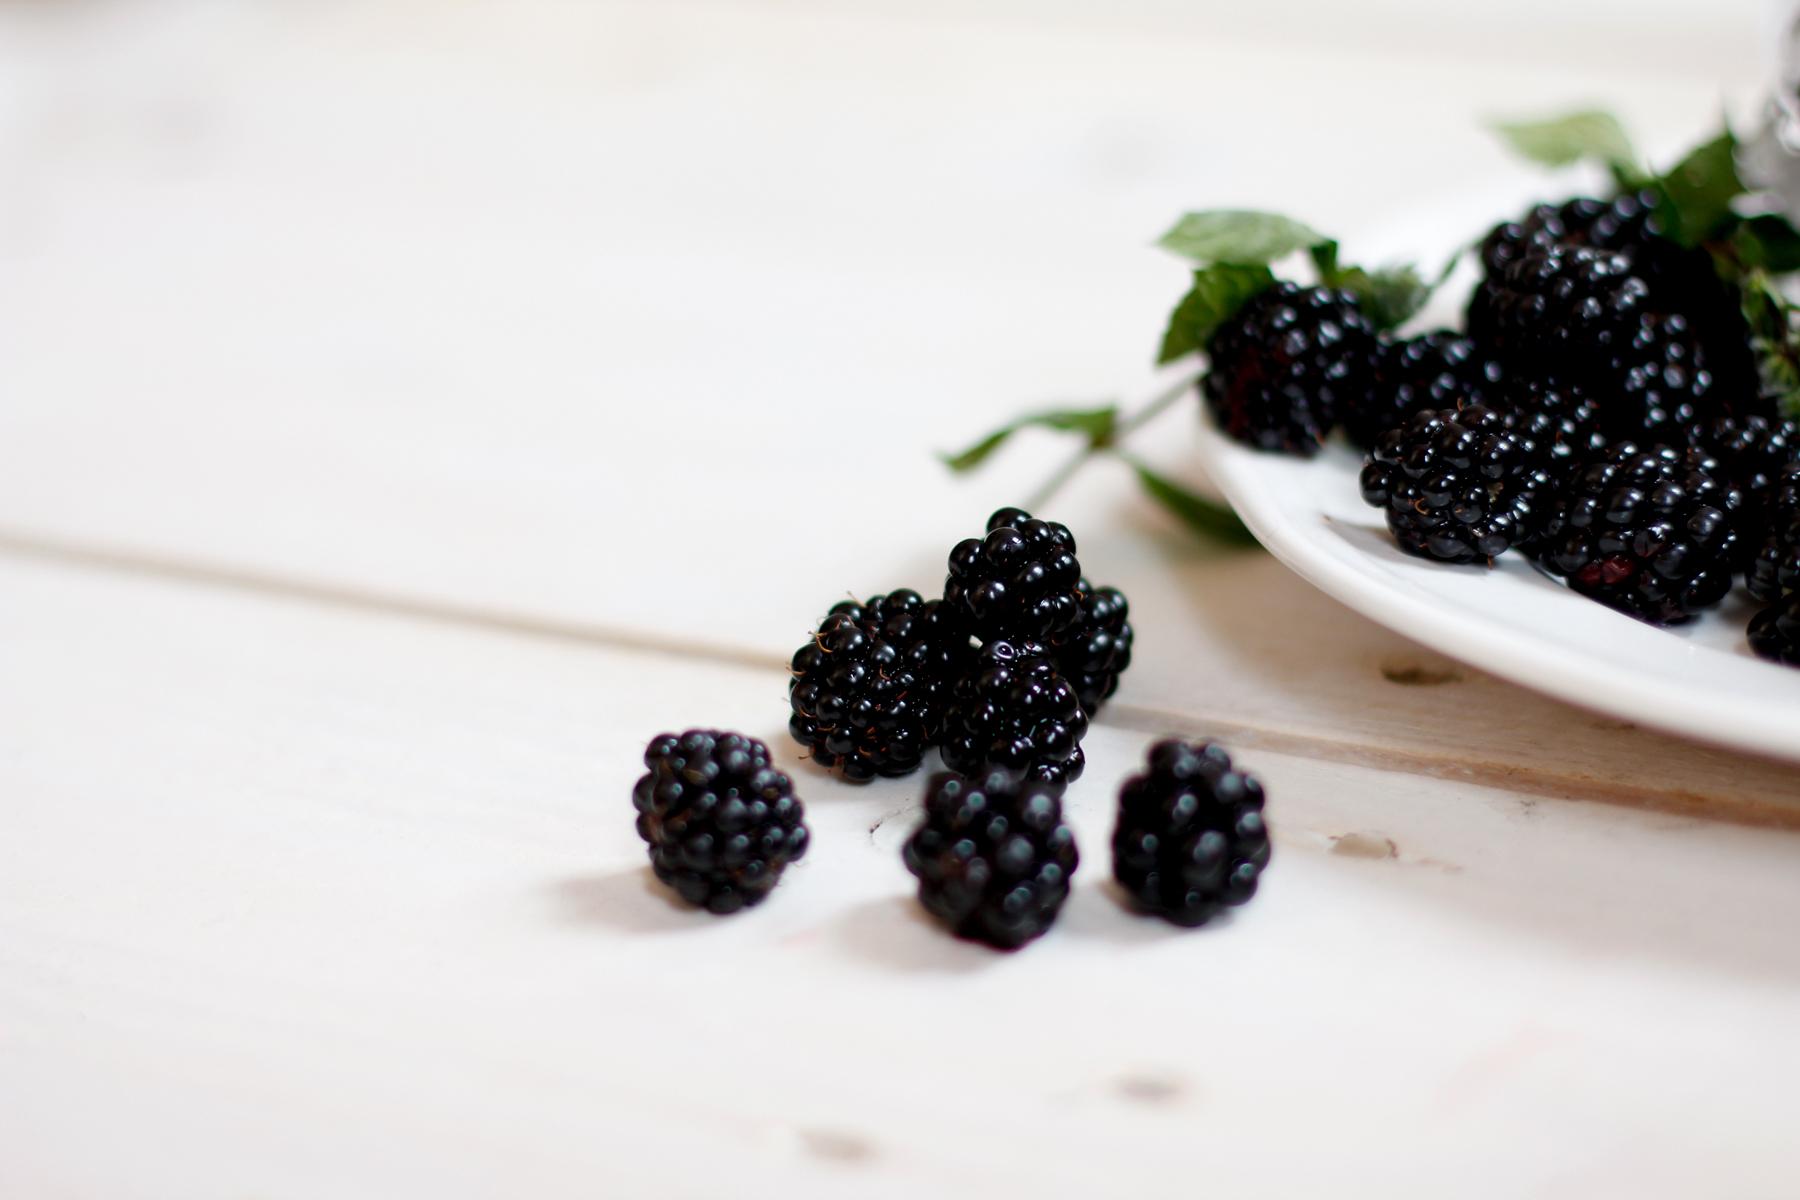 rezepte mit brombeeren rezept blackberry blackberries fruit autumn fall herbst obst gesund vegan backen dessert drink süß süßspeise lifestyle blogger ricarda schernus cats & dogs blog hannover düsseldorf berlin 1